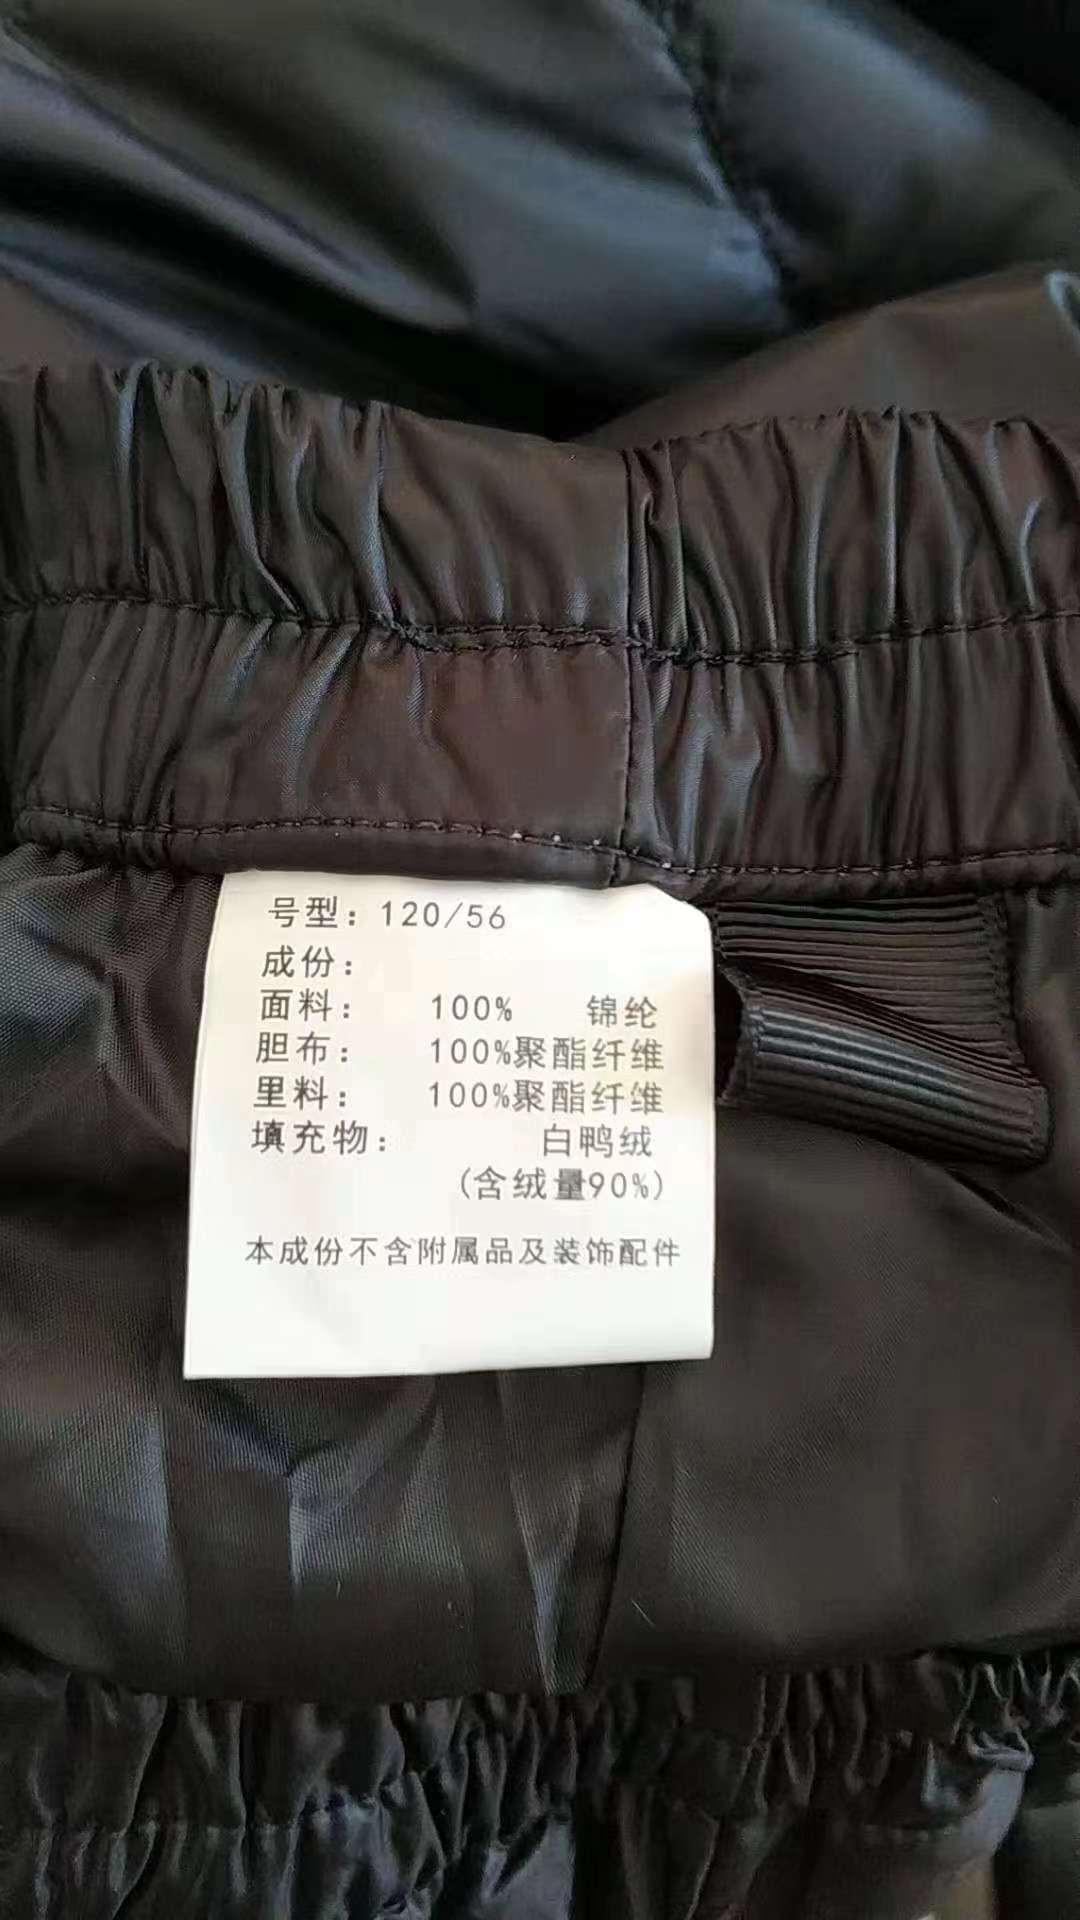 嗨团儿童羽绒裤53.jpg